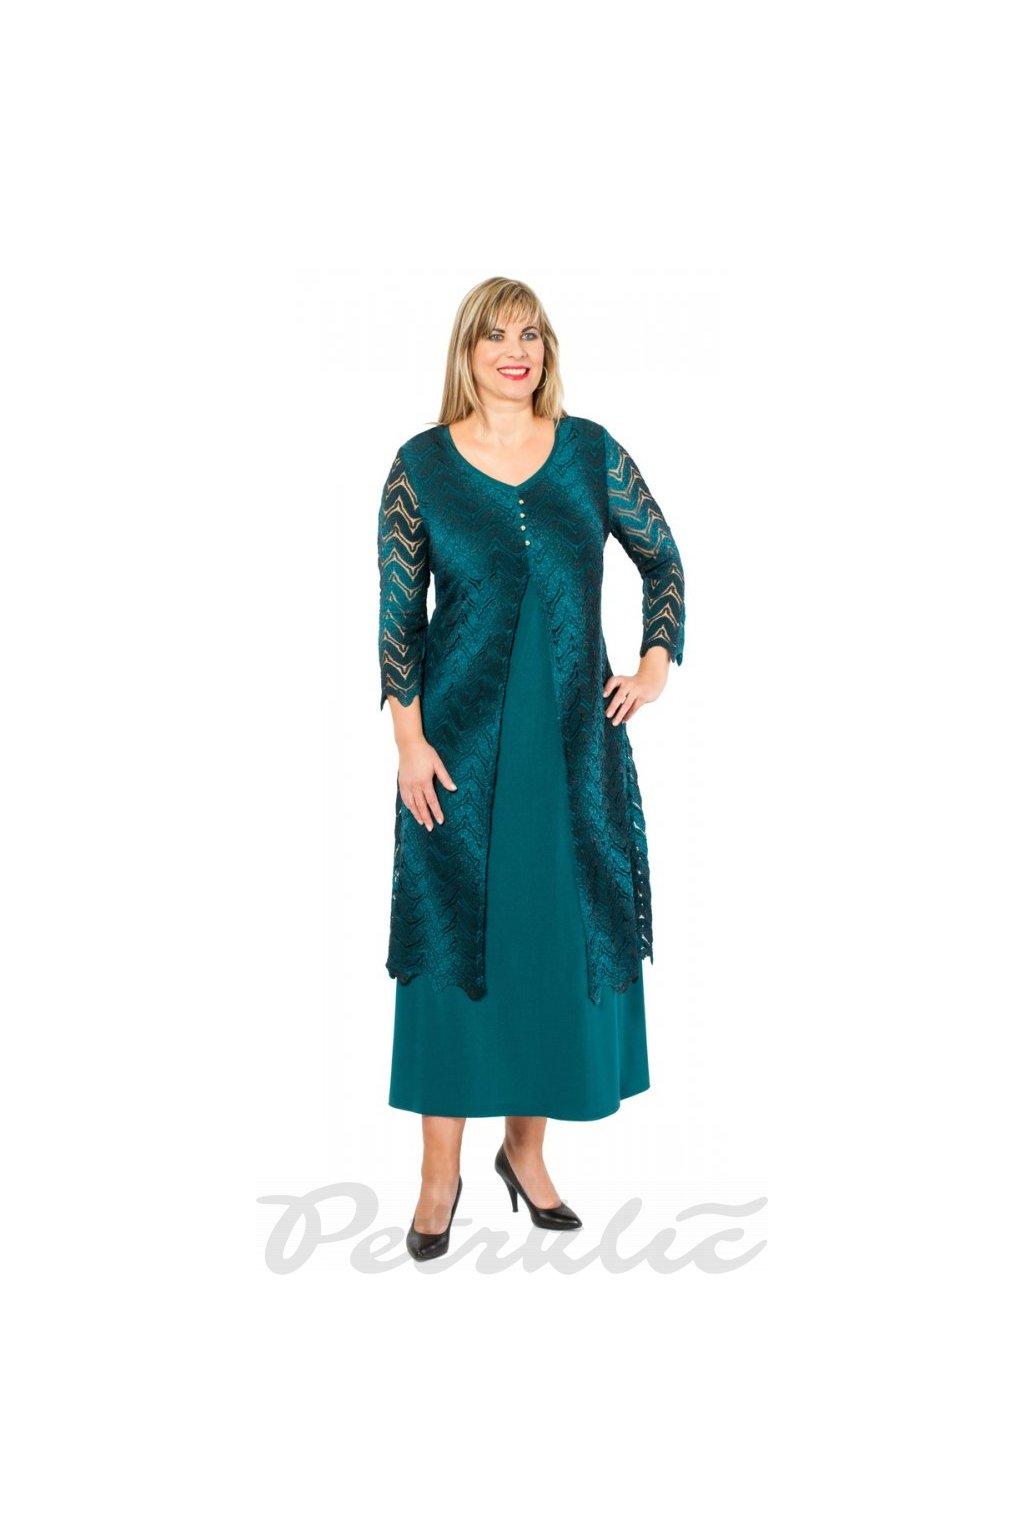 ELIN - šaty 110 - 115 cm, 3/4 rukáv